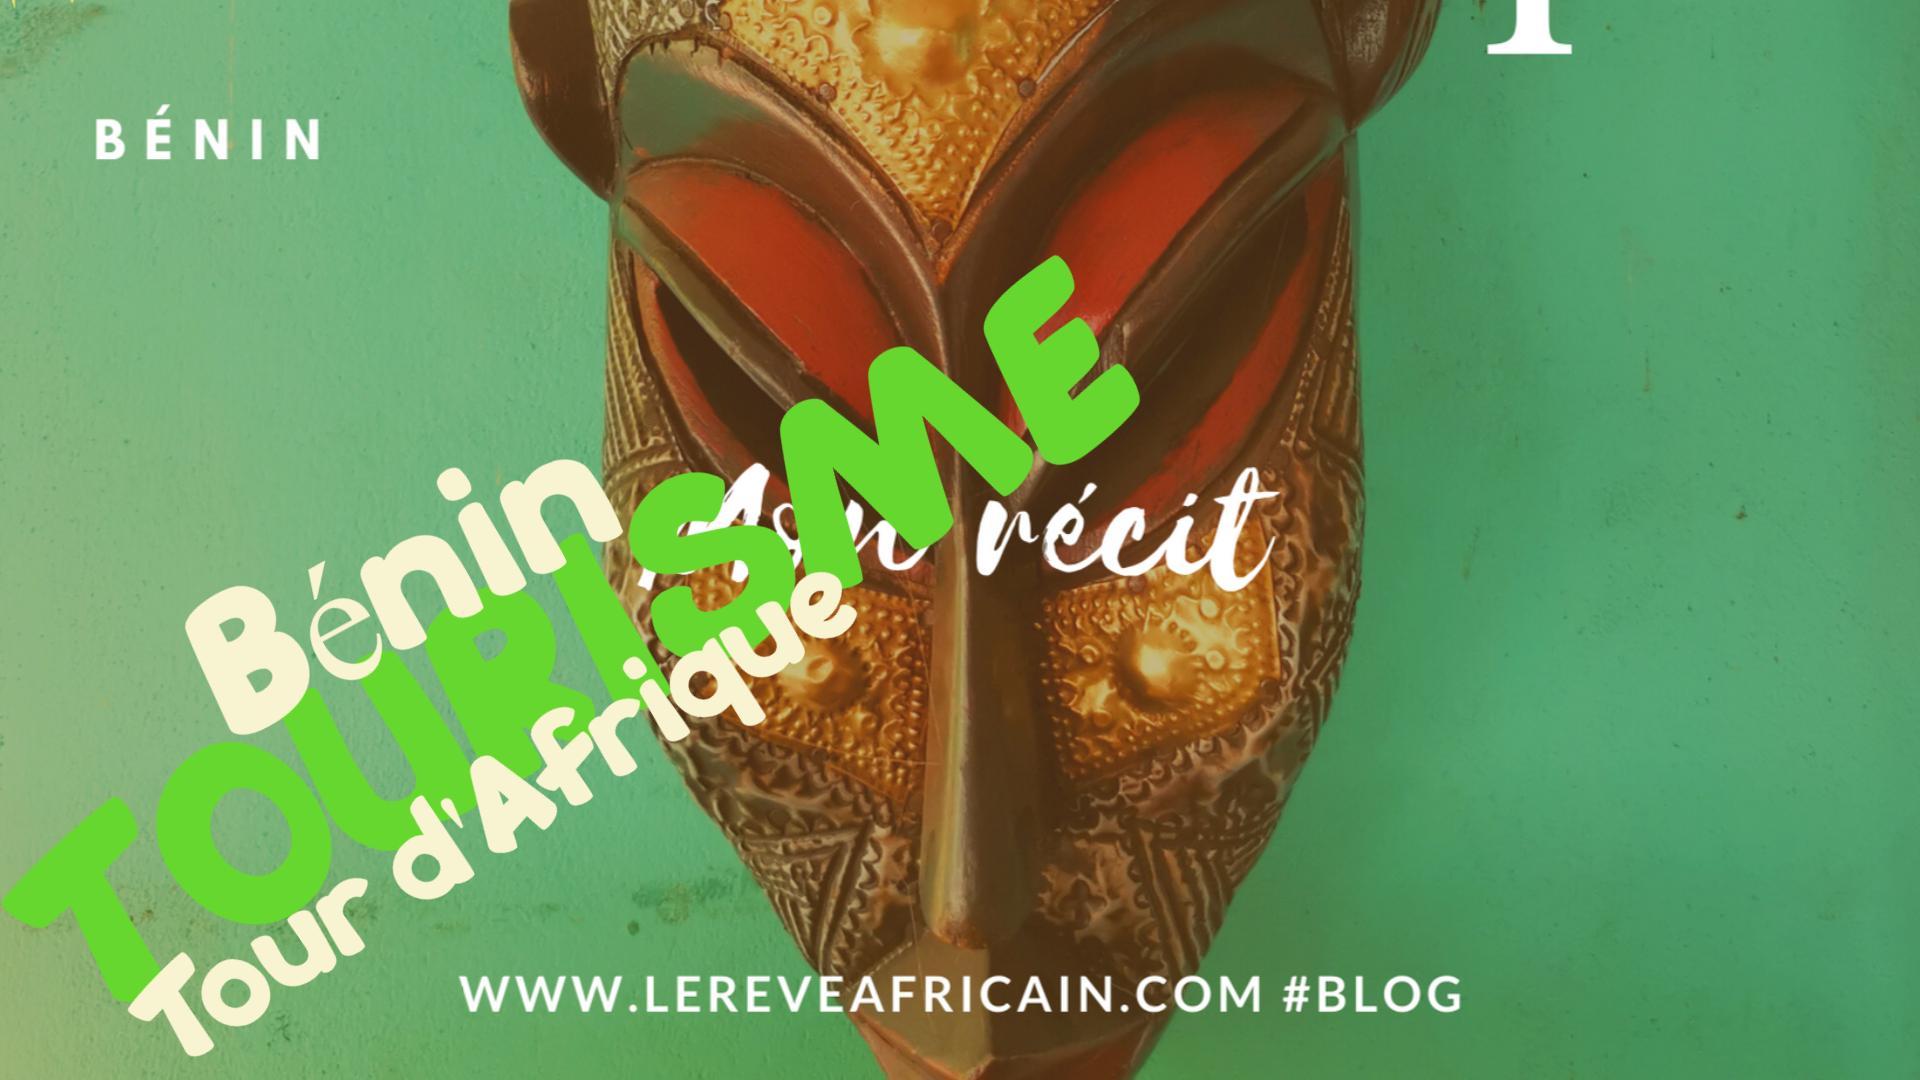 Litlle Chilli Pepper in Benin